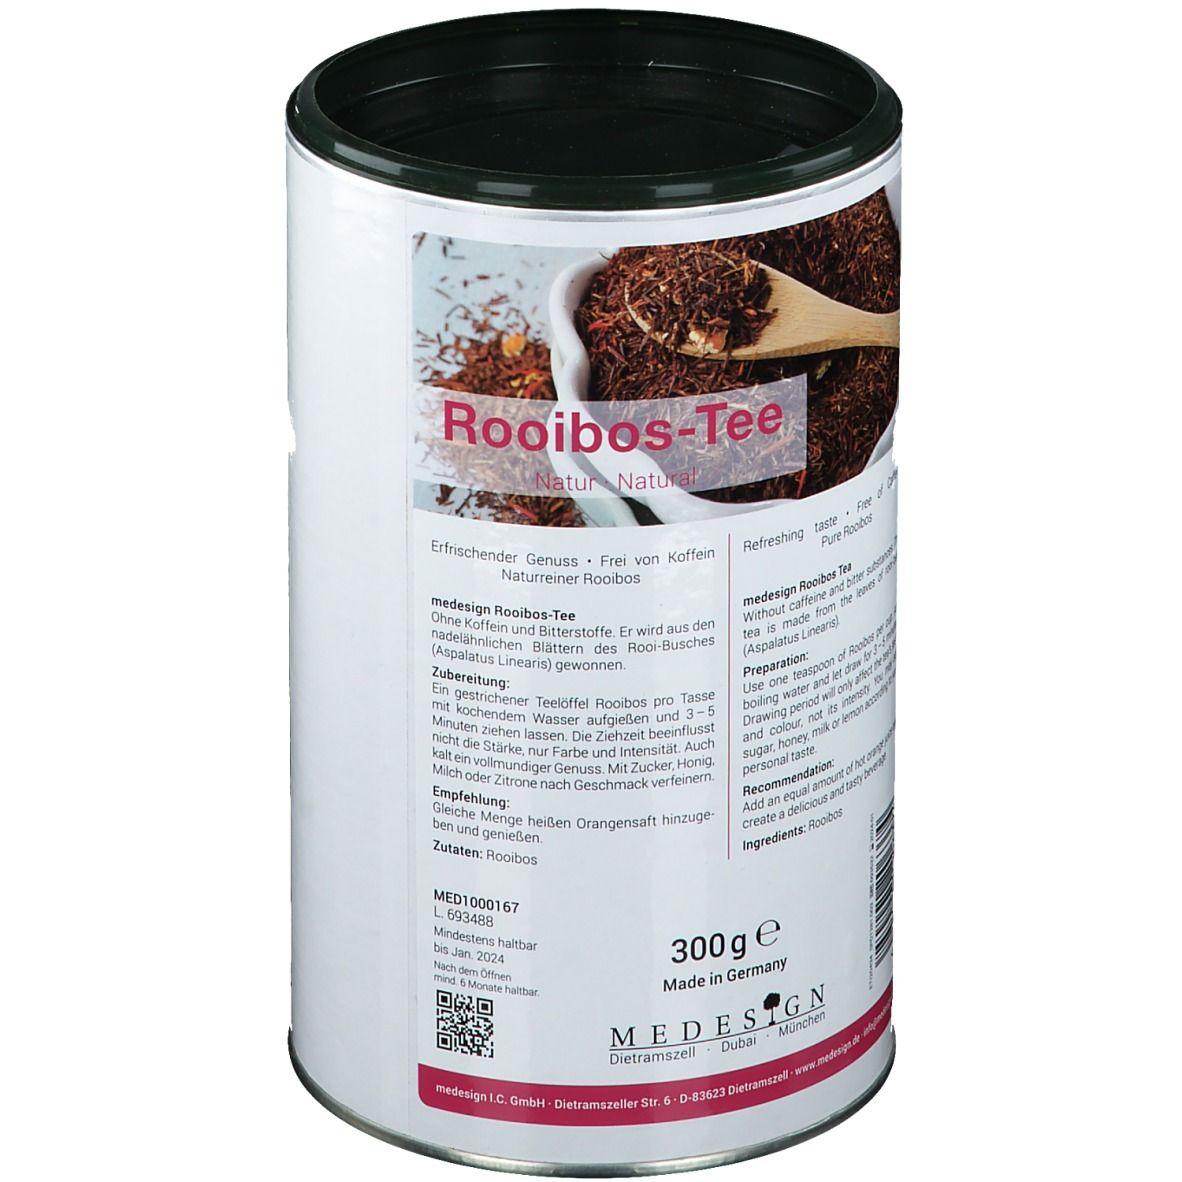 Rooibos Tee